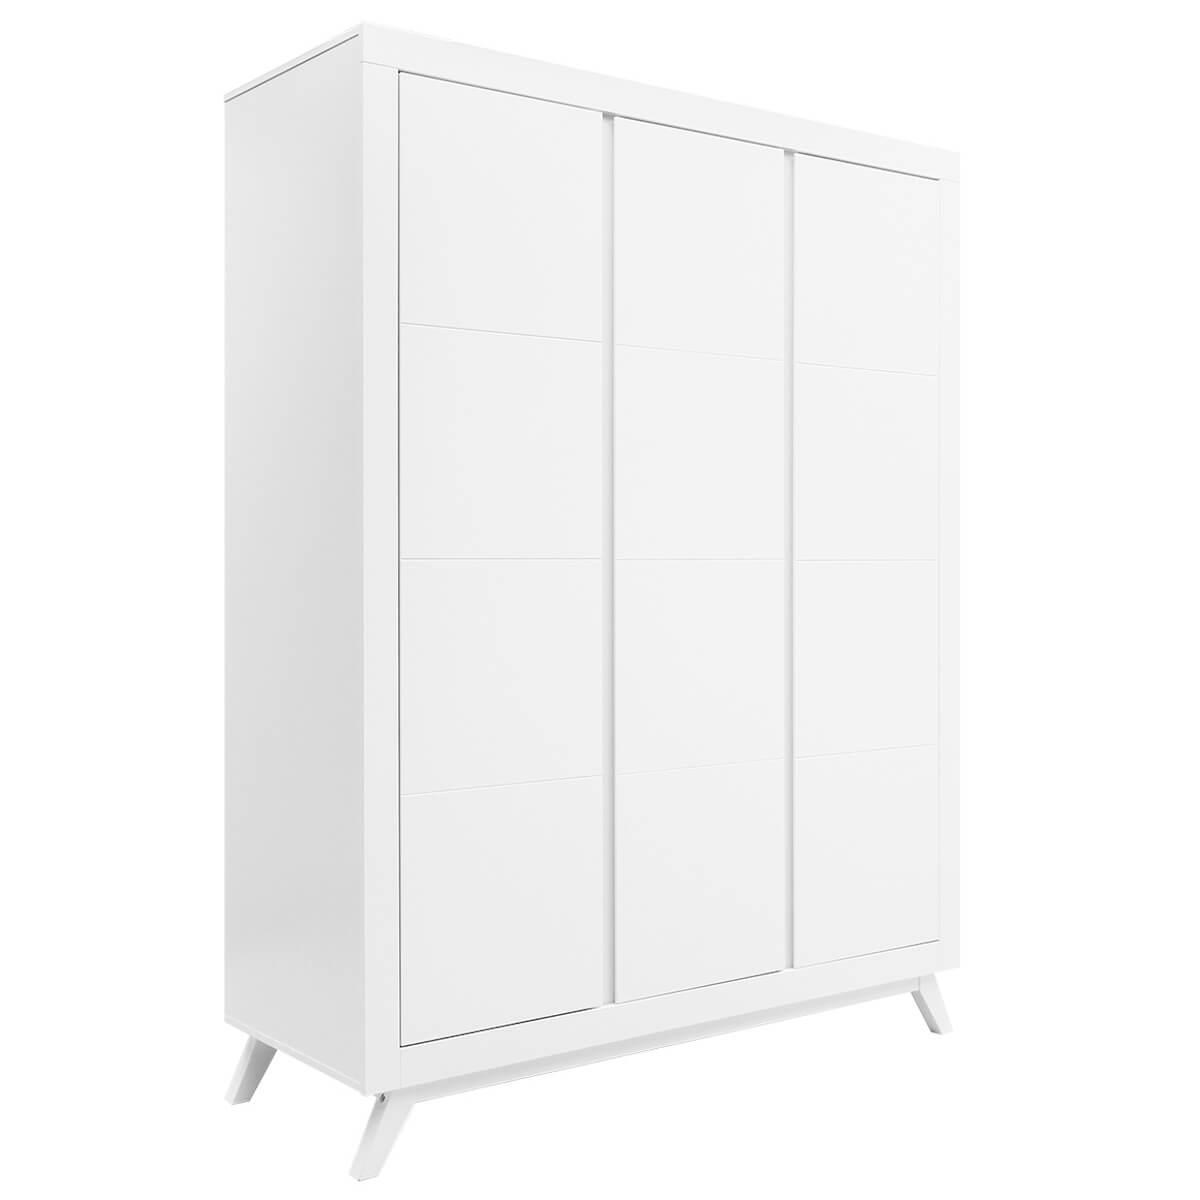 Armoire 3 portes ANNE Bopita blanc